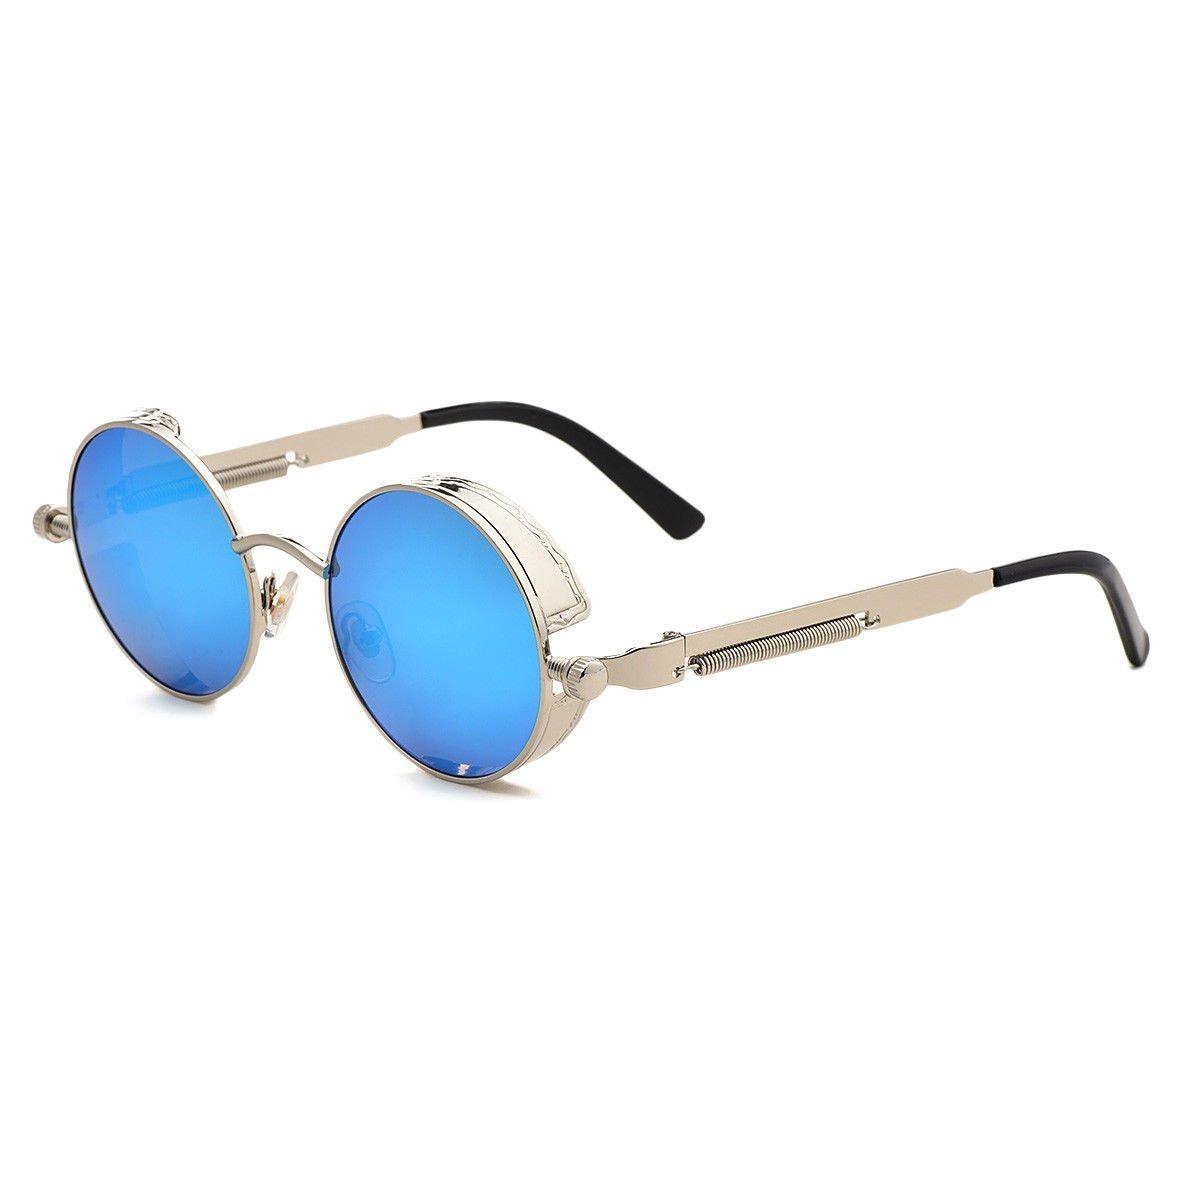 4d22a96a8858b Gafas Marco Gris Plateado Lente Azul Redondas Lennon Hypster ...